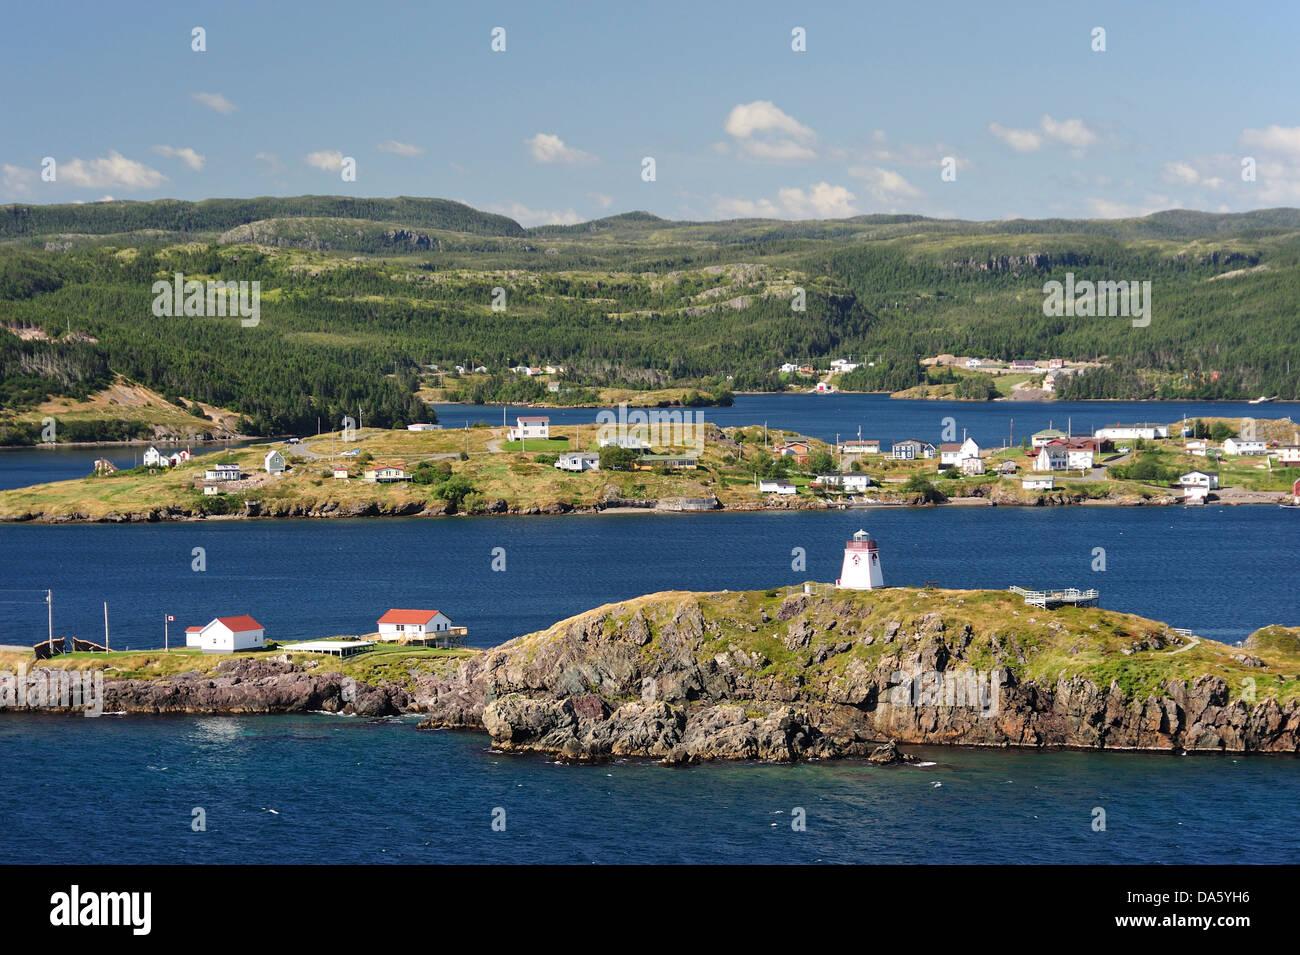 Trinity, Newfoundland, Canada, village, coast, lake, forest, rocks, - Stock Image